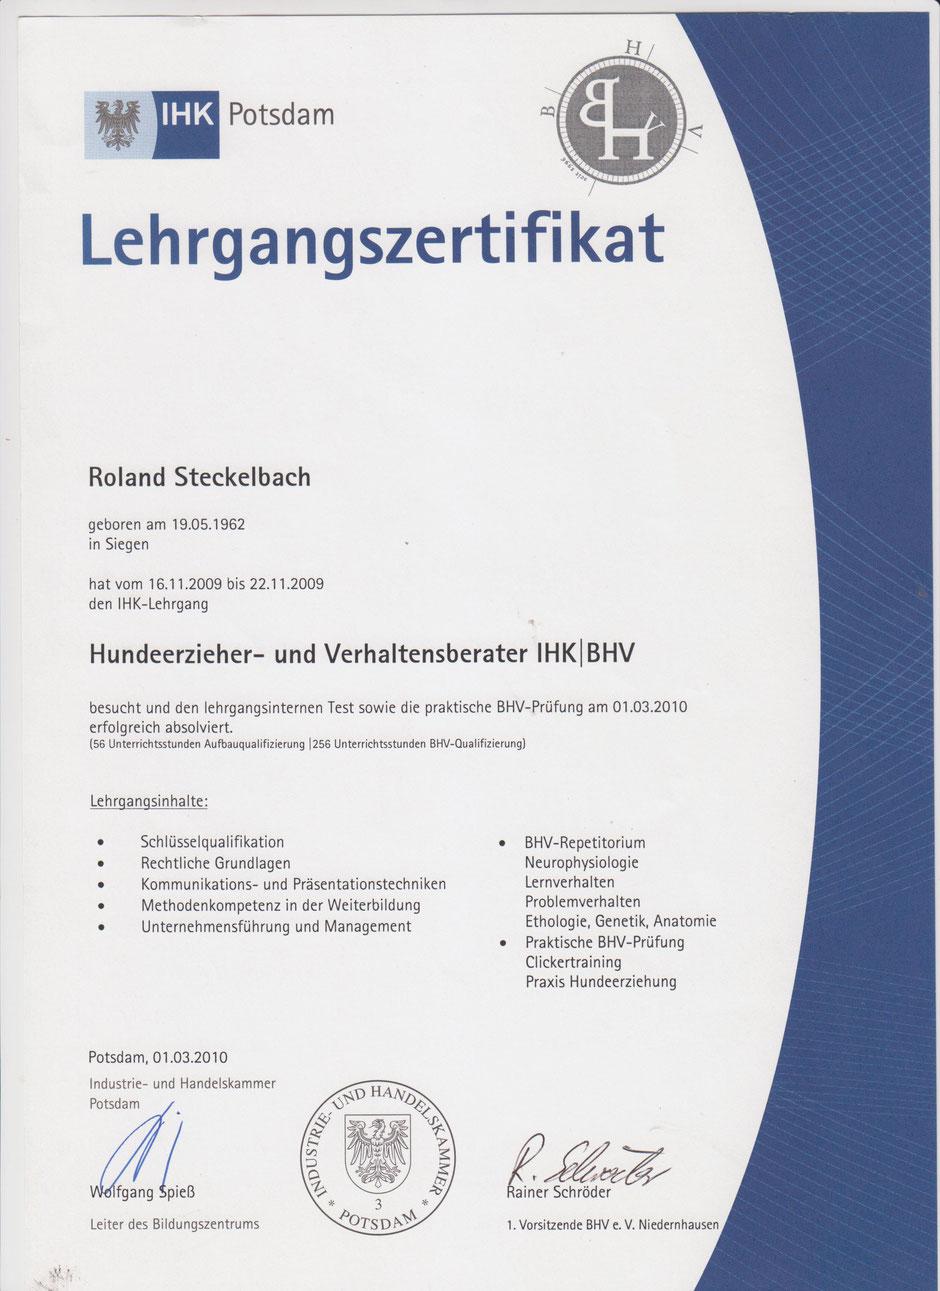 Großartig Anatomie Praktische Prüfungsfragen Galerie - Anatomie ...